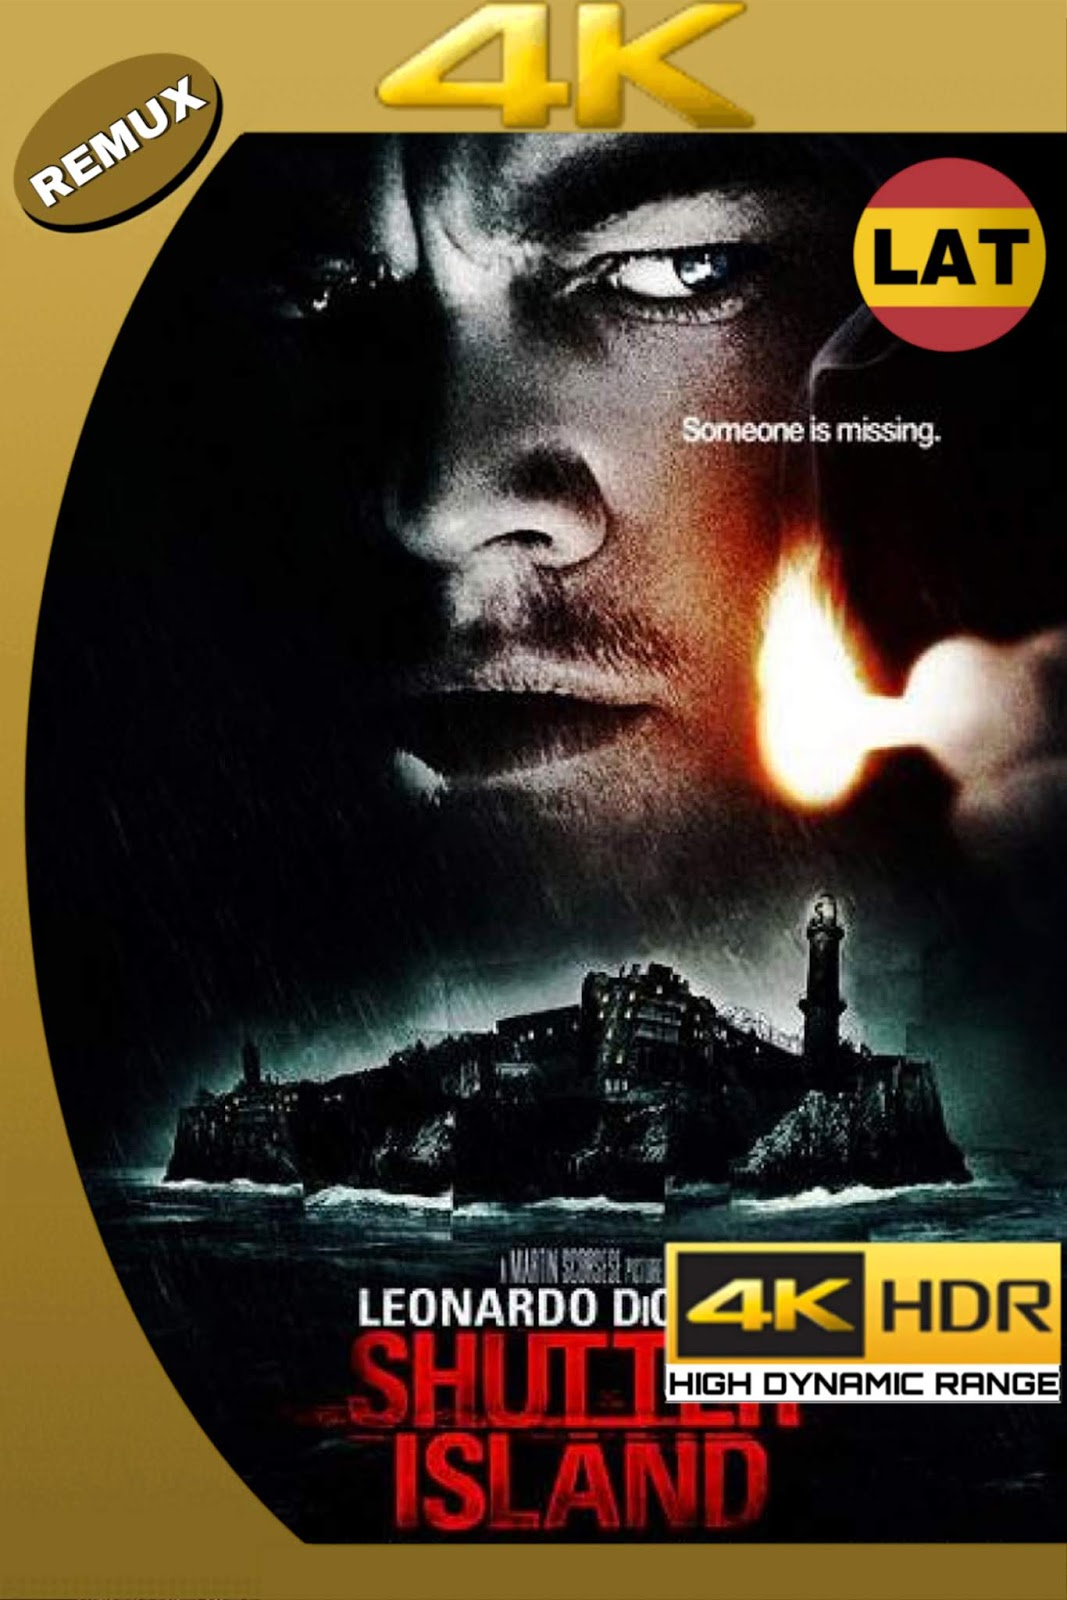 LA ISLA SINIESTRA 2010 LATINO + 10 UHD 4K HDR 2160P 53GB.mkv